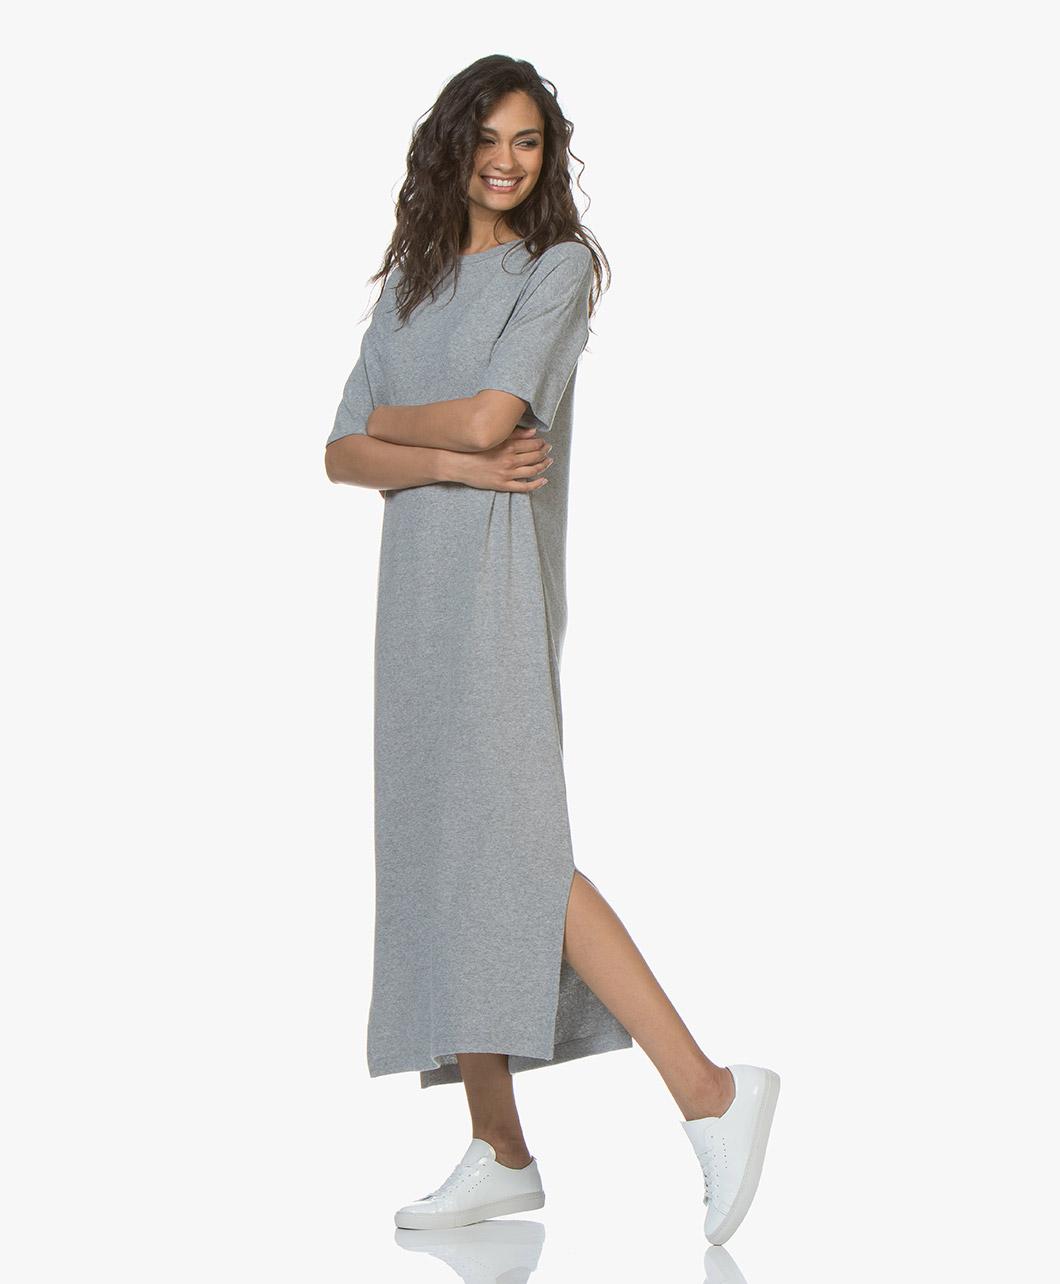 Dress Vetington Fine Vintage Grey American Knit Maxi Grisch Vet39c 51qwPPXfT